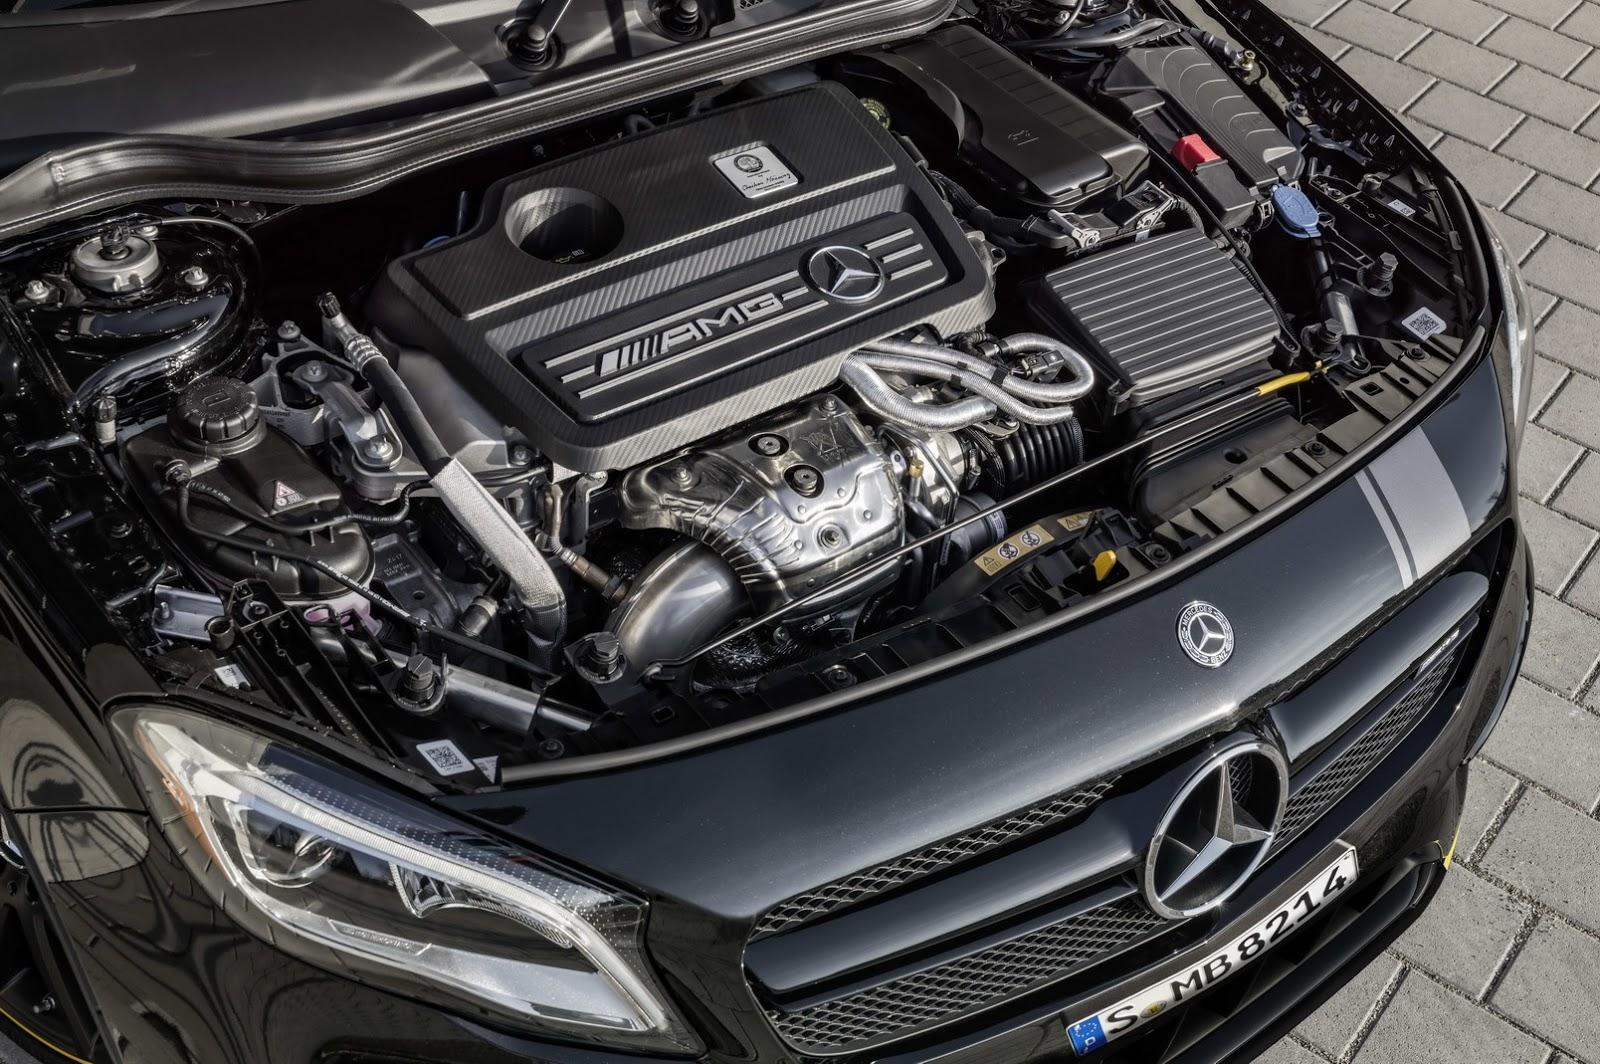 Mercedes GLA facelift and GLA 45 AMG facelift 2017 (70)